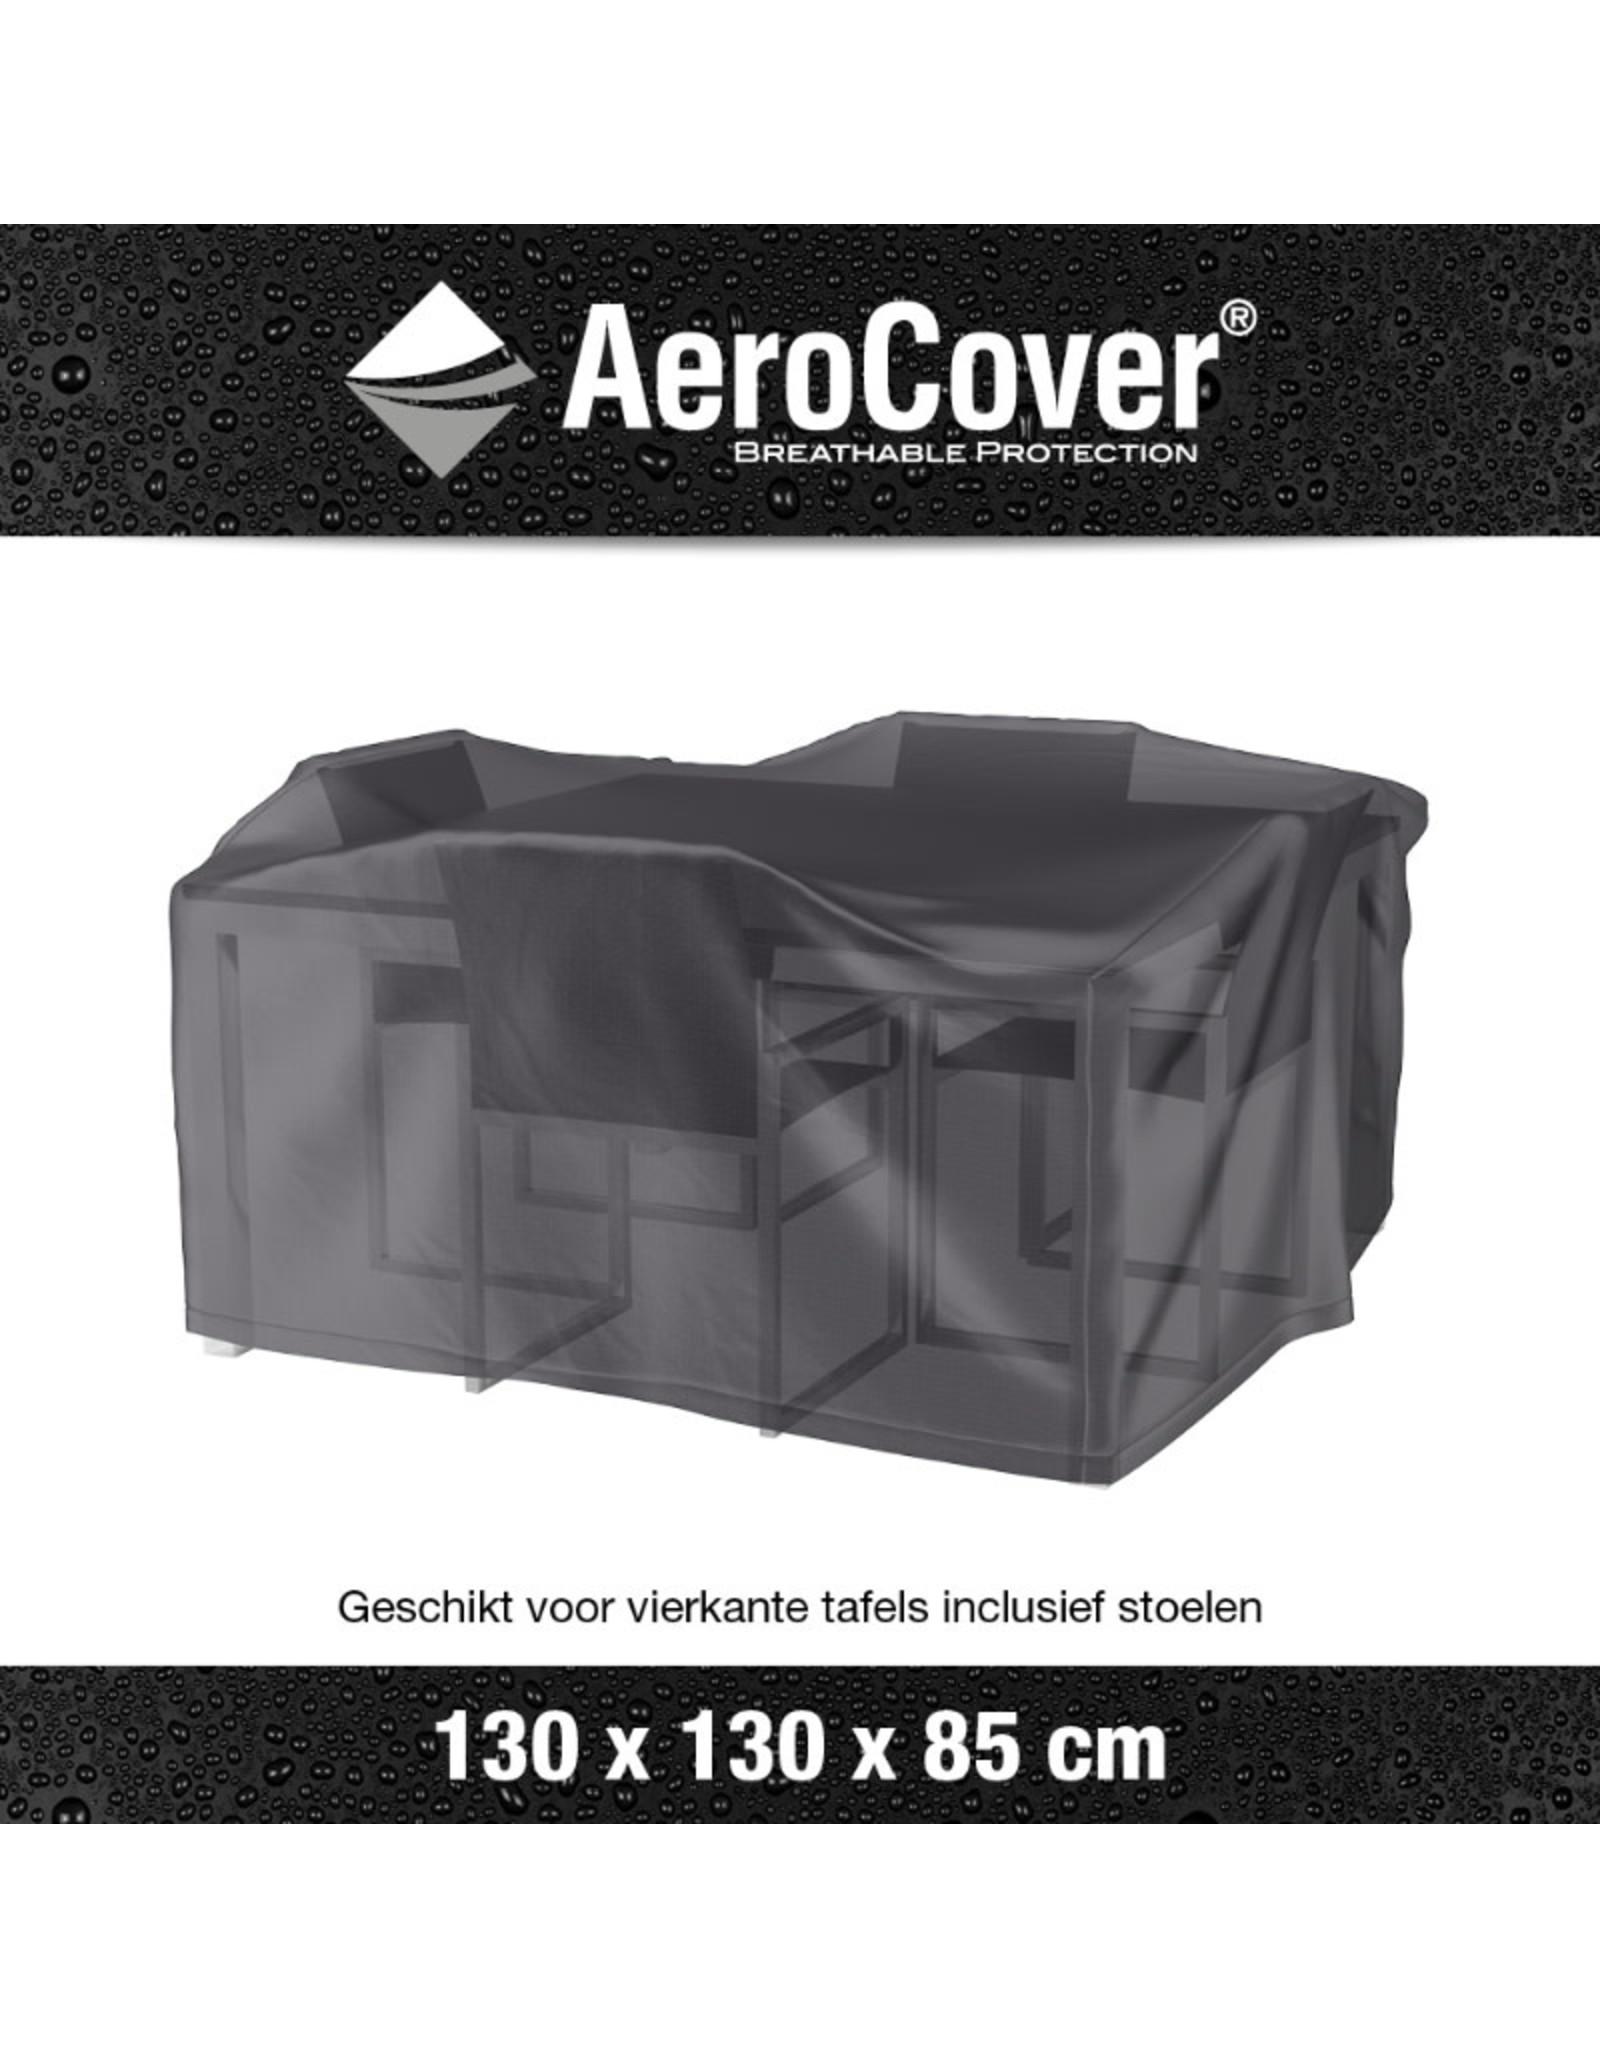 Aerocover AeroCover Garden set cover 130x130xH85